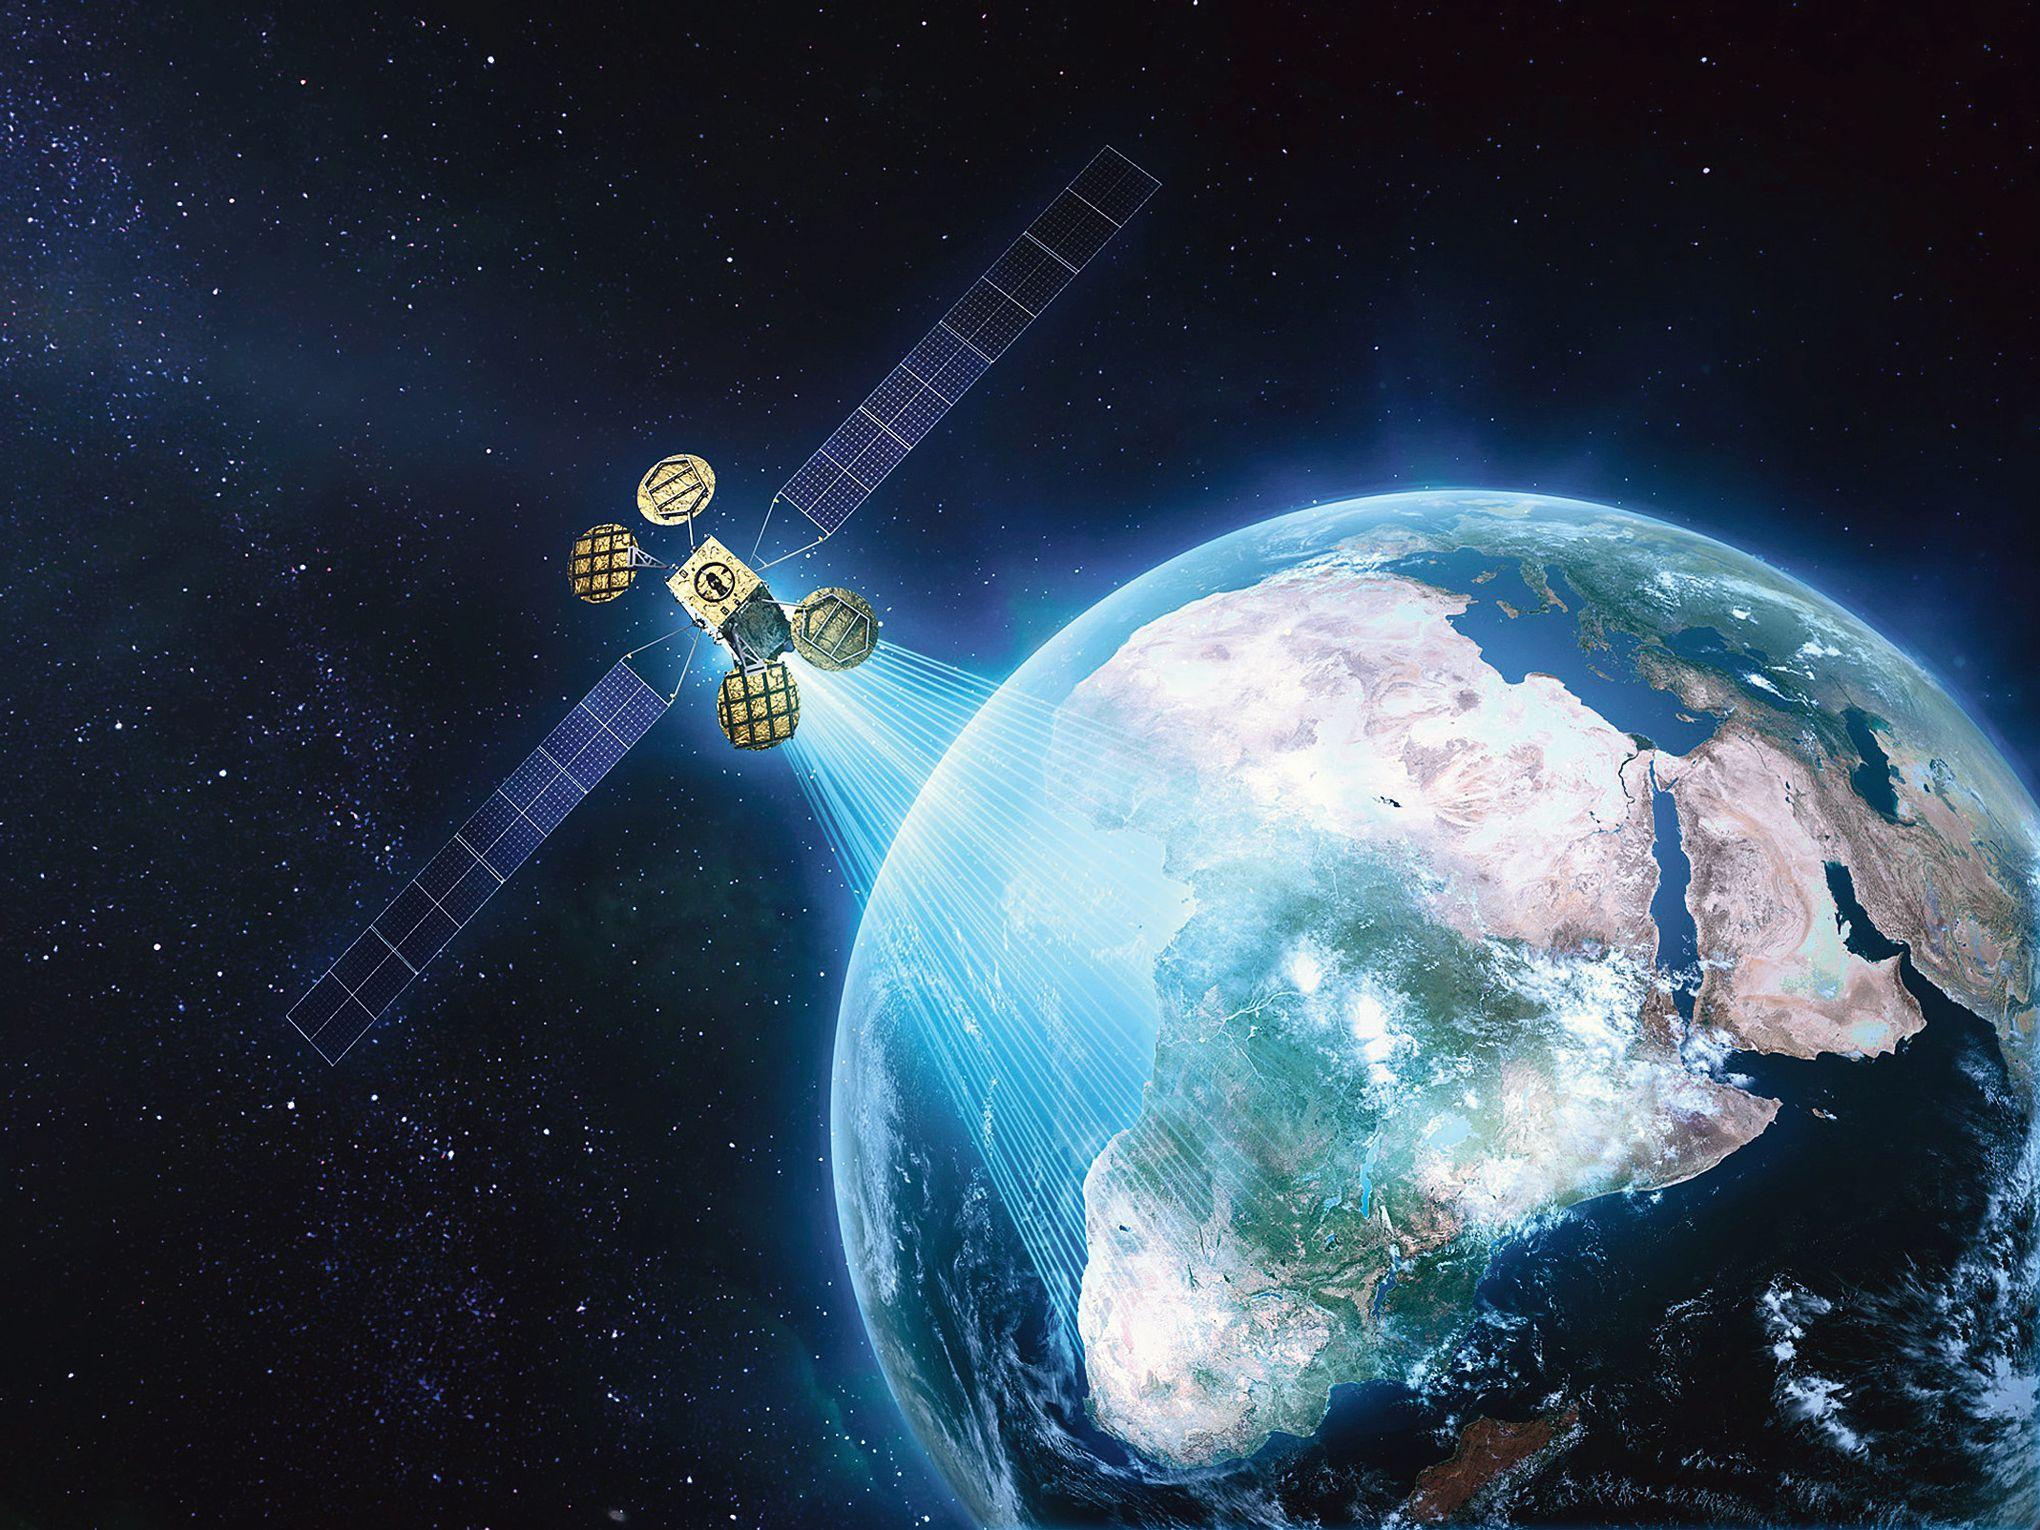 ВNASA прокомментировали взрыв ракеты Falcon 9